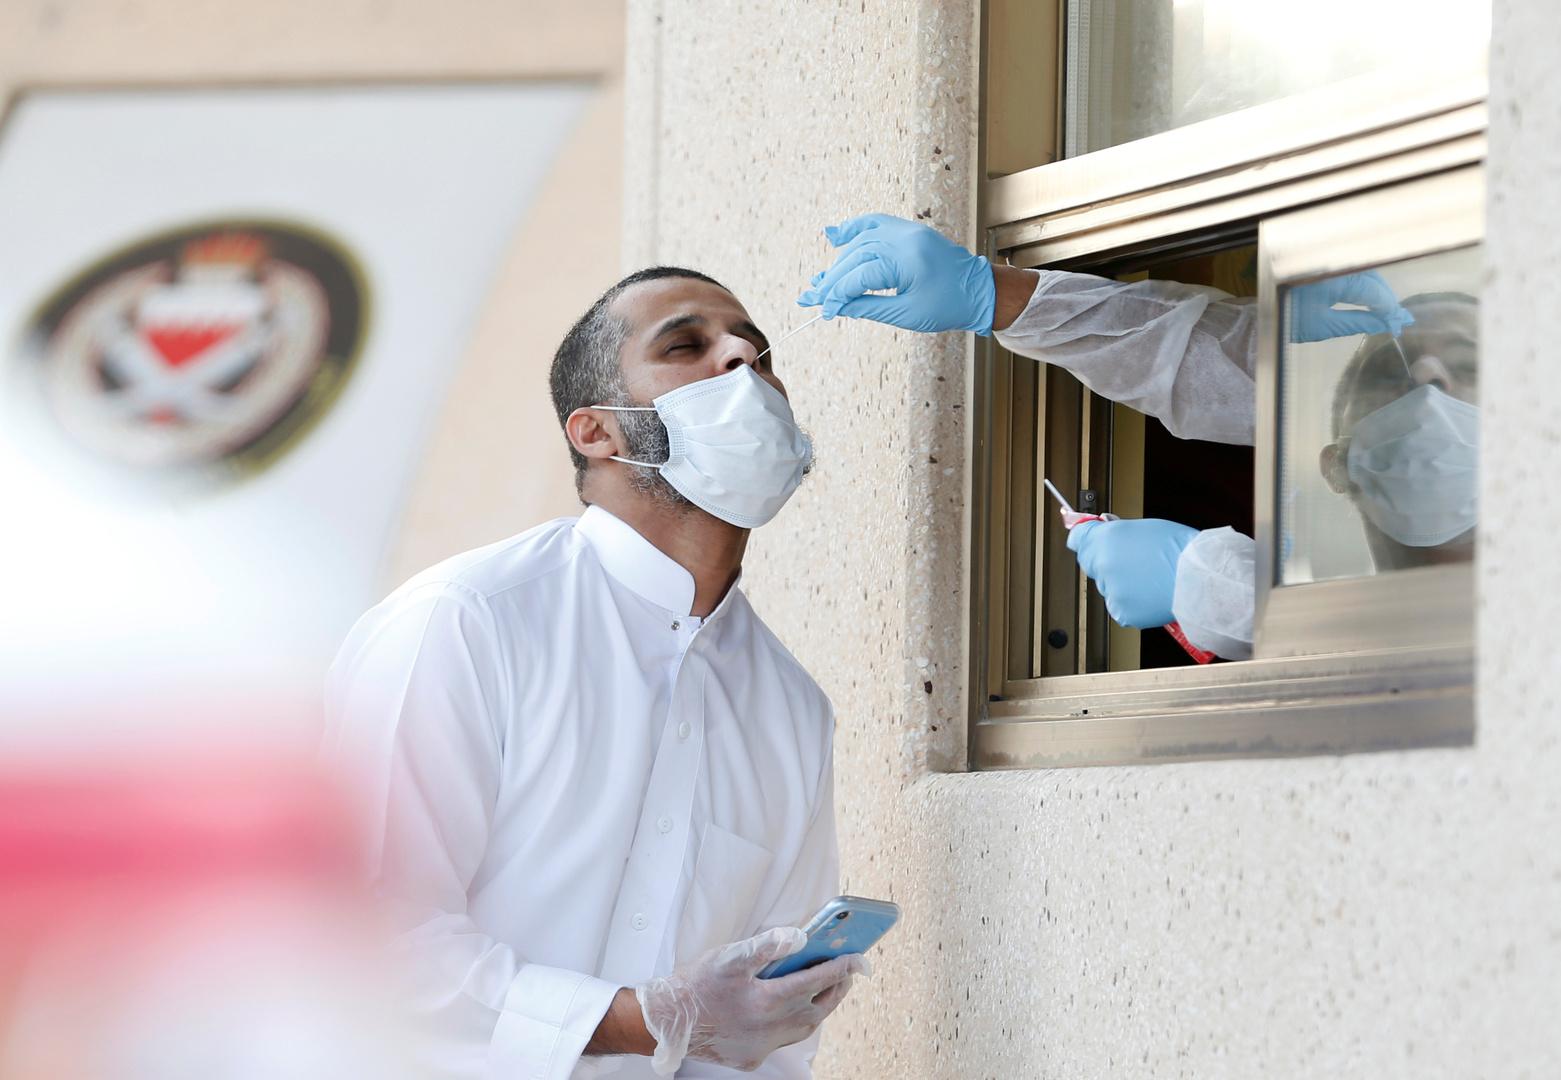 منحنى خطير.. الصحة العالمية تعلق على تسجيل 3 ملايين إصابة بكورونا فى منطقة الشرق الأوسط